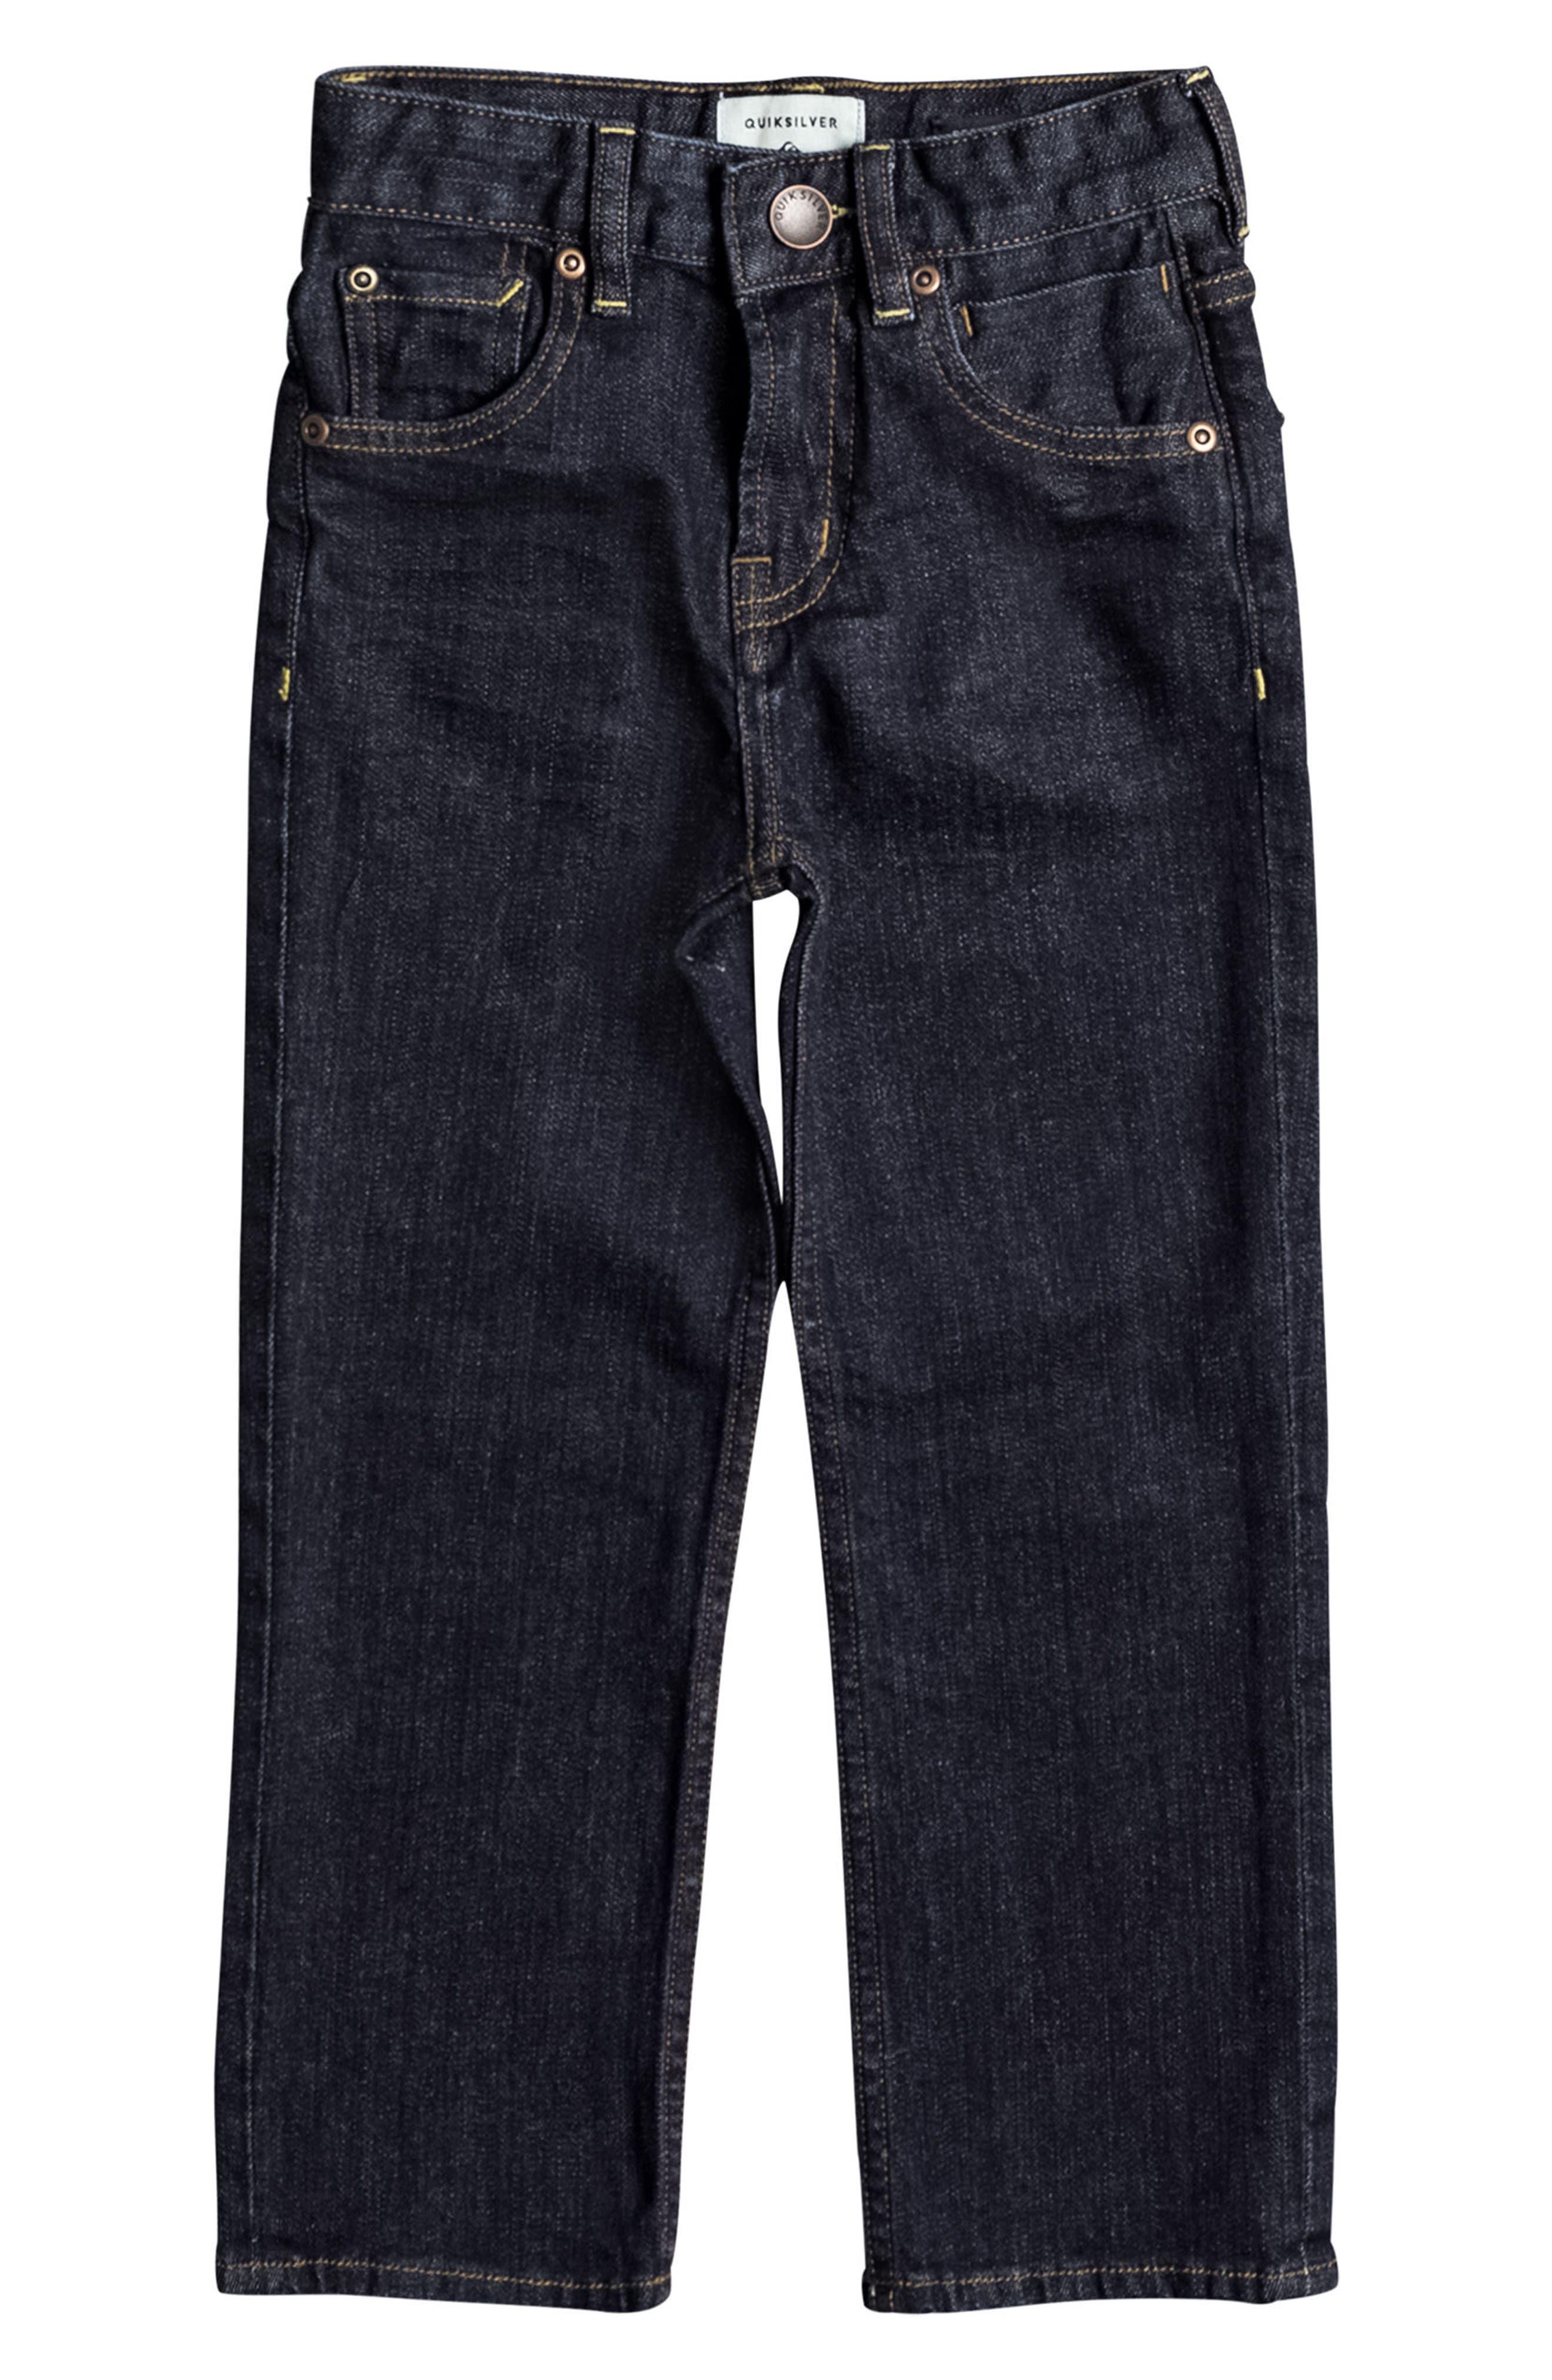 Sequel 5-Pocket Jeans,                         Main,                         color, 401